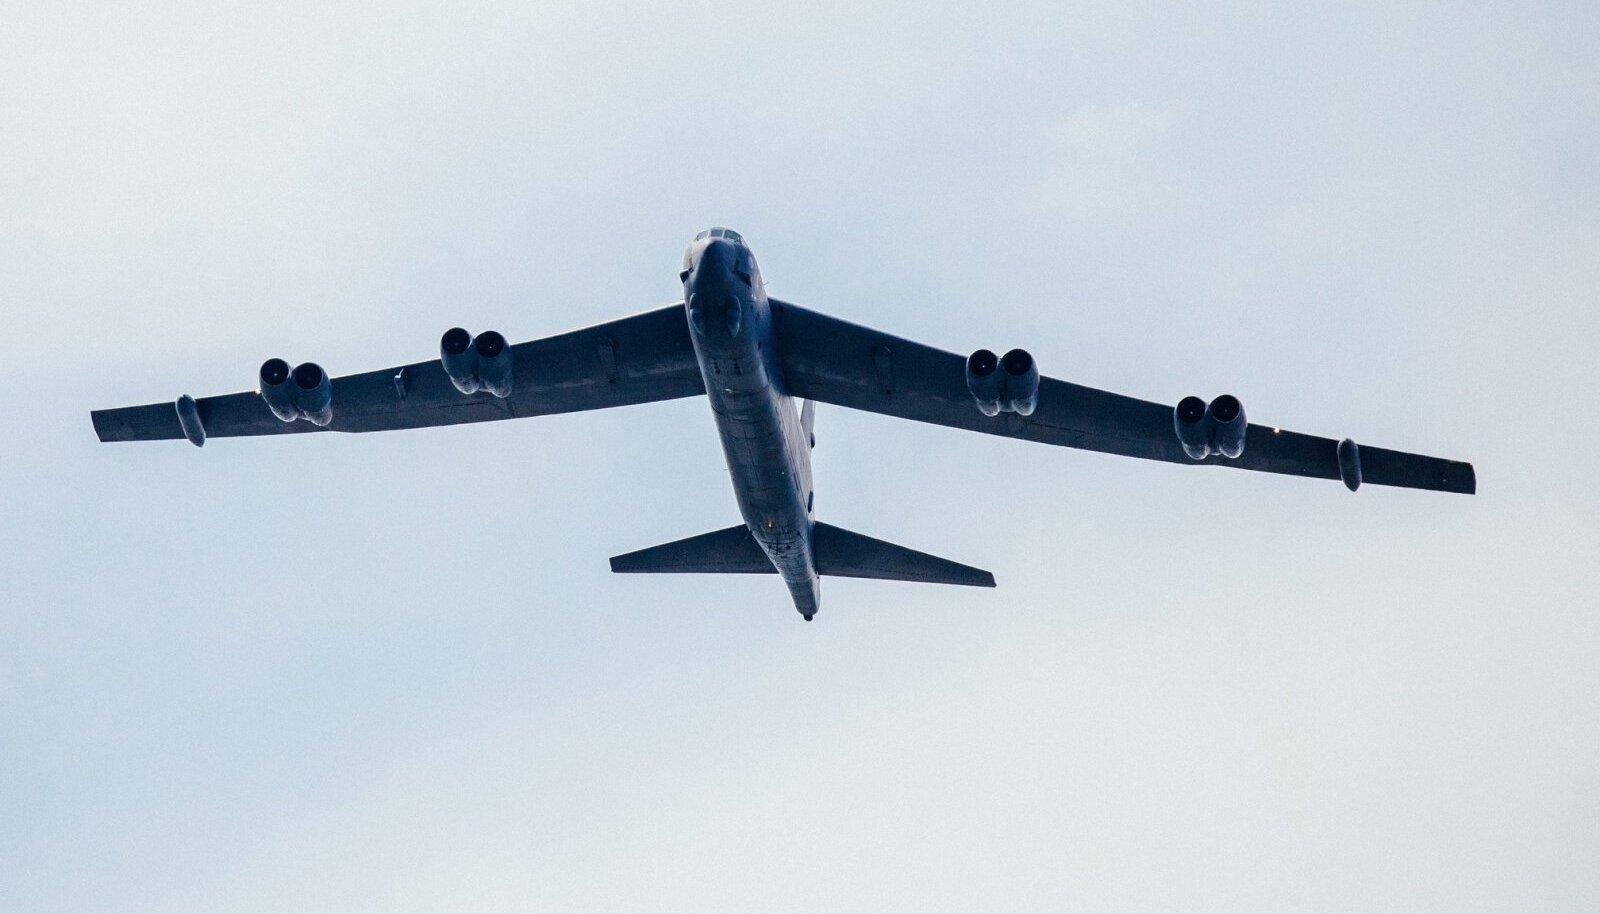 MÄRK AMEERIKA JÕUST: USA õhuvägede B-52 eelmisel nädalal Tallinna kohal. Selline lennuk võtab peale kuni 27,5 tonni eri relvastust ja võib lennata kiirusega kuni 1047 km/h.